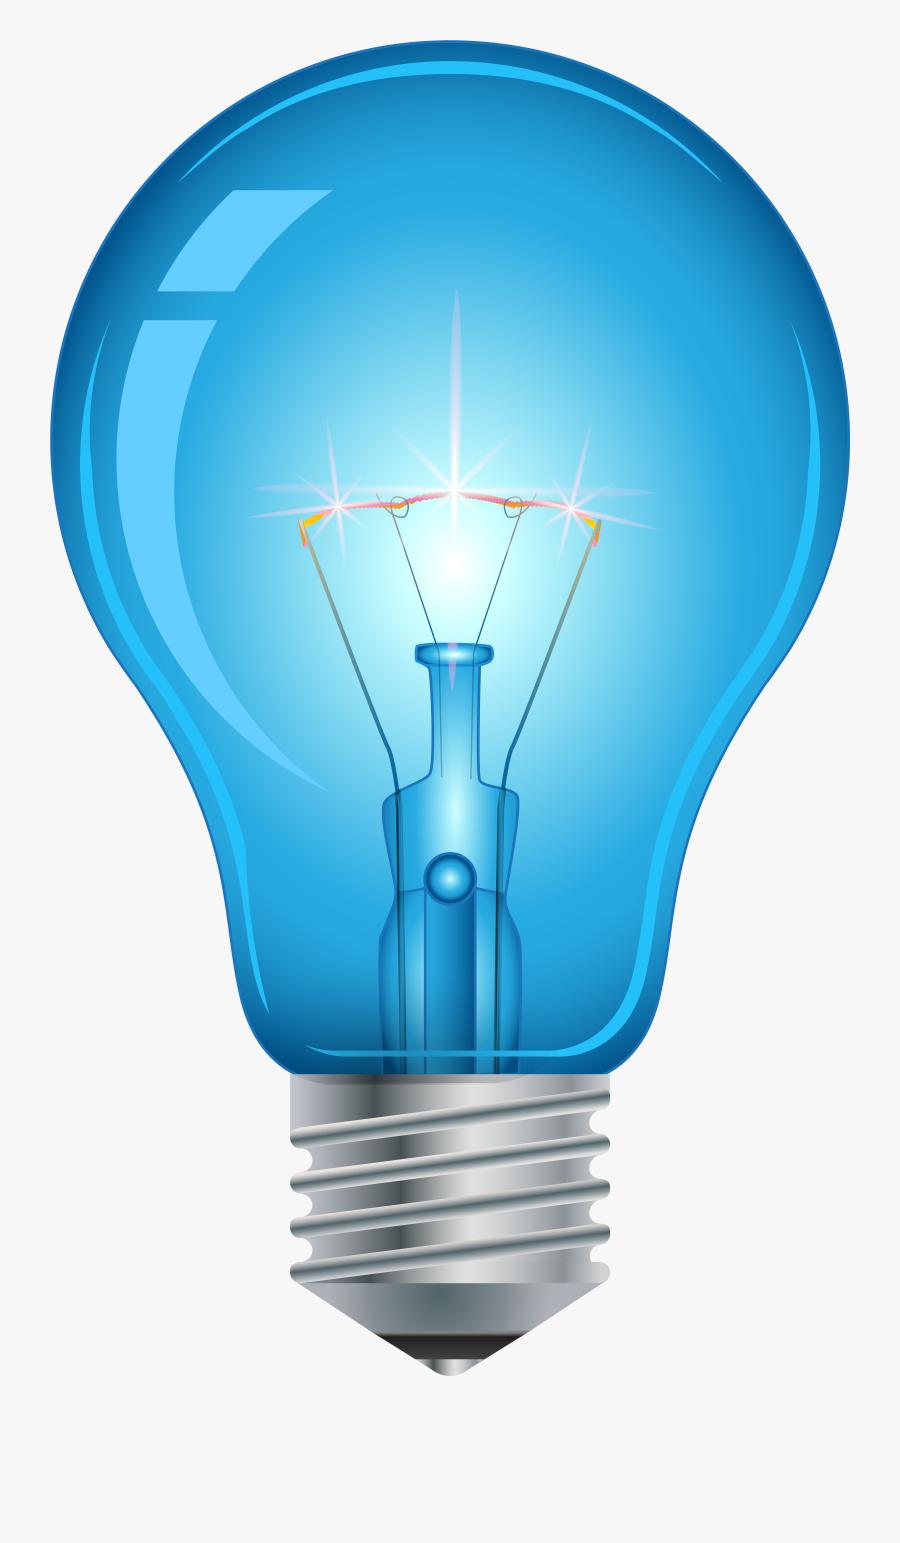 Blue Light Bulb Png Clip Art - Light Bulb Png Hd, Transparent Clipart